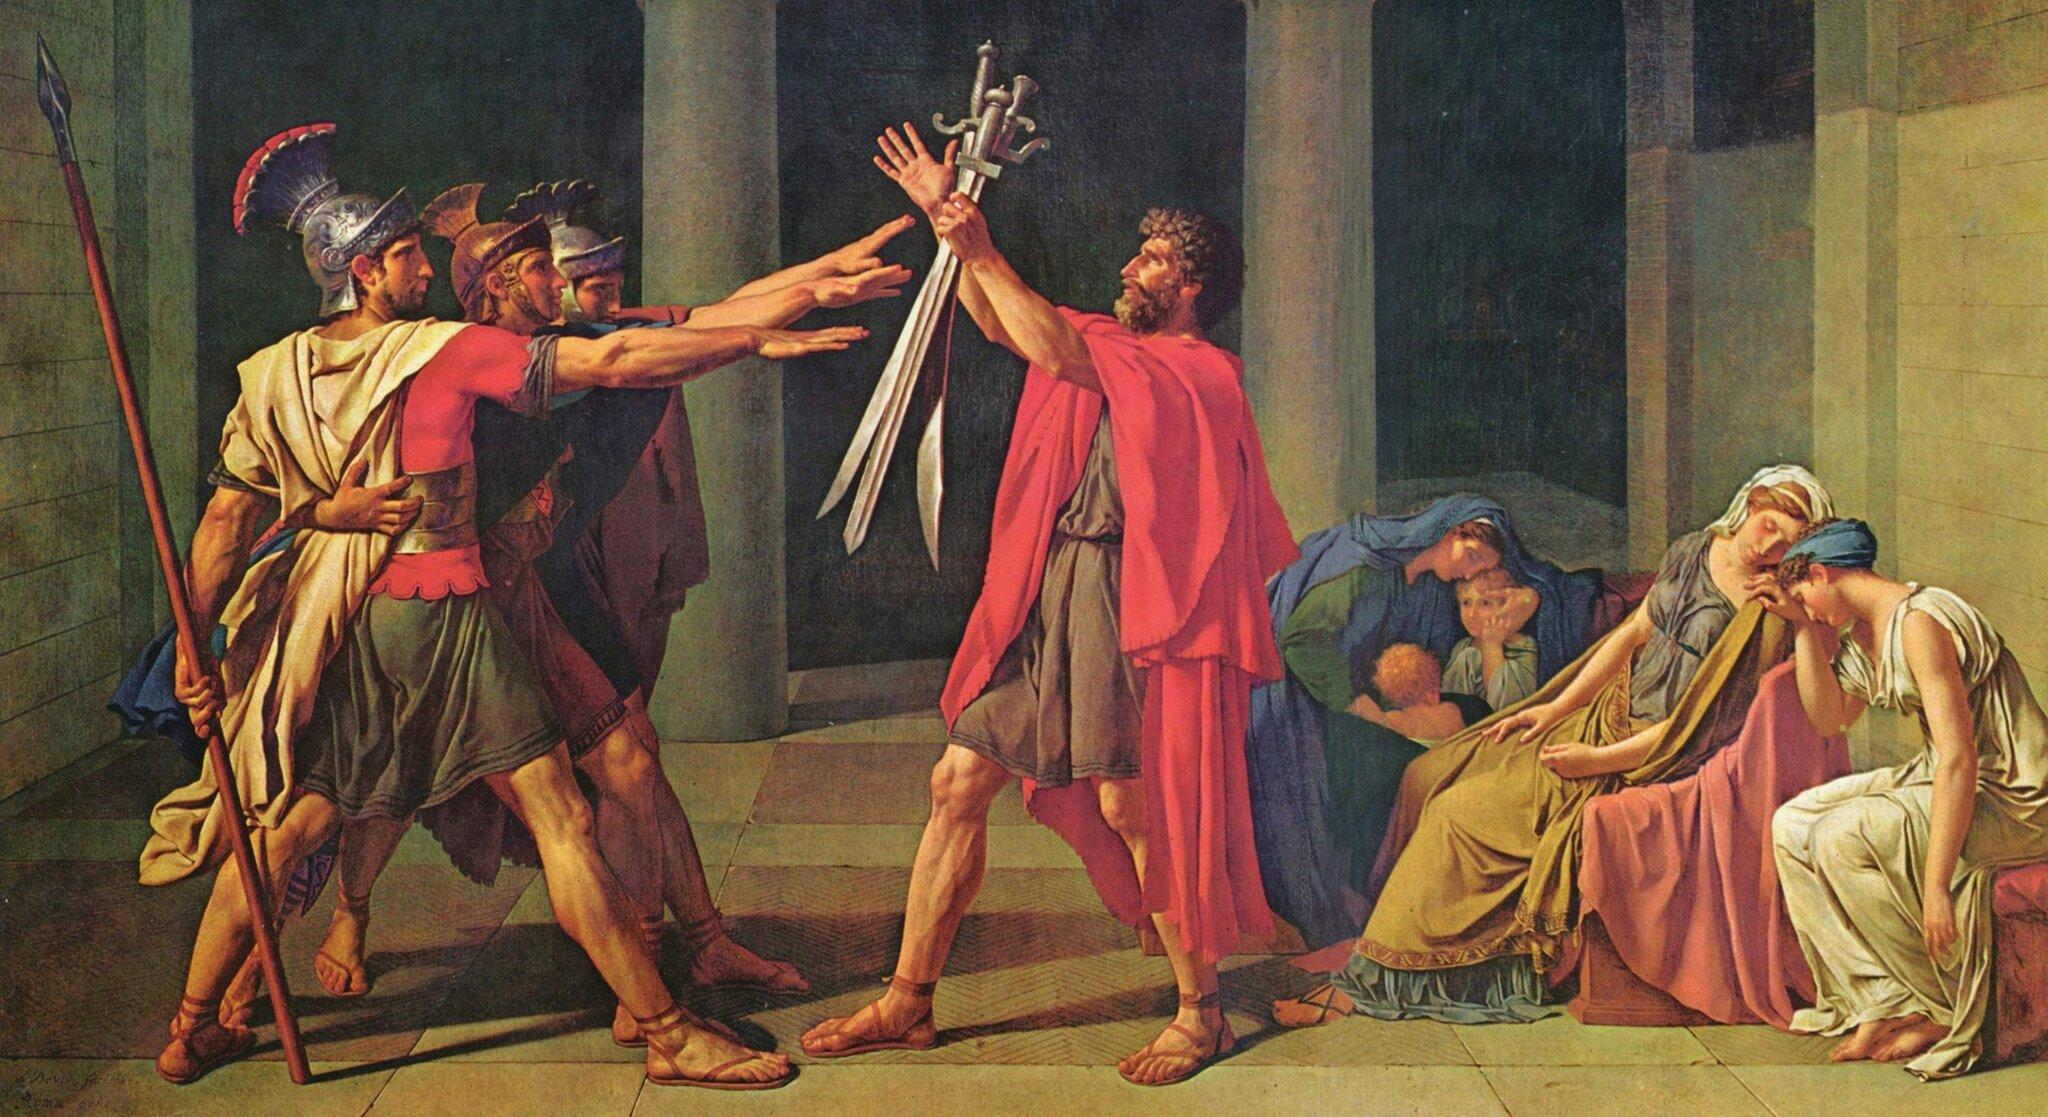 Przysięga Horacjuszy Źródło: Jacques-Louis David, Przysięga Horacjuszy, 1784, olej na pótnie, Luwr, domena publiczna.